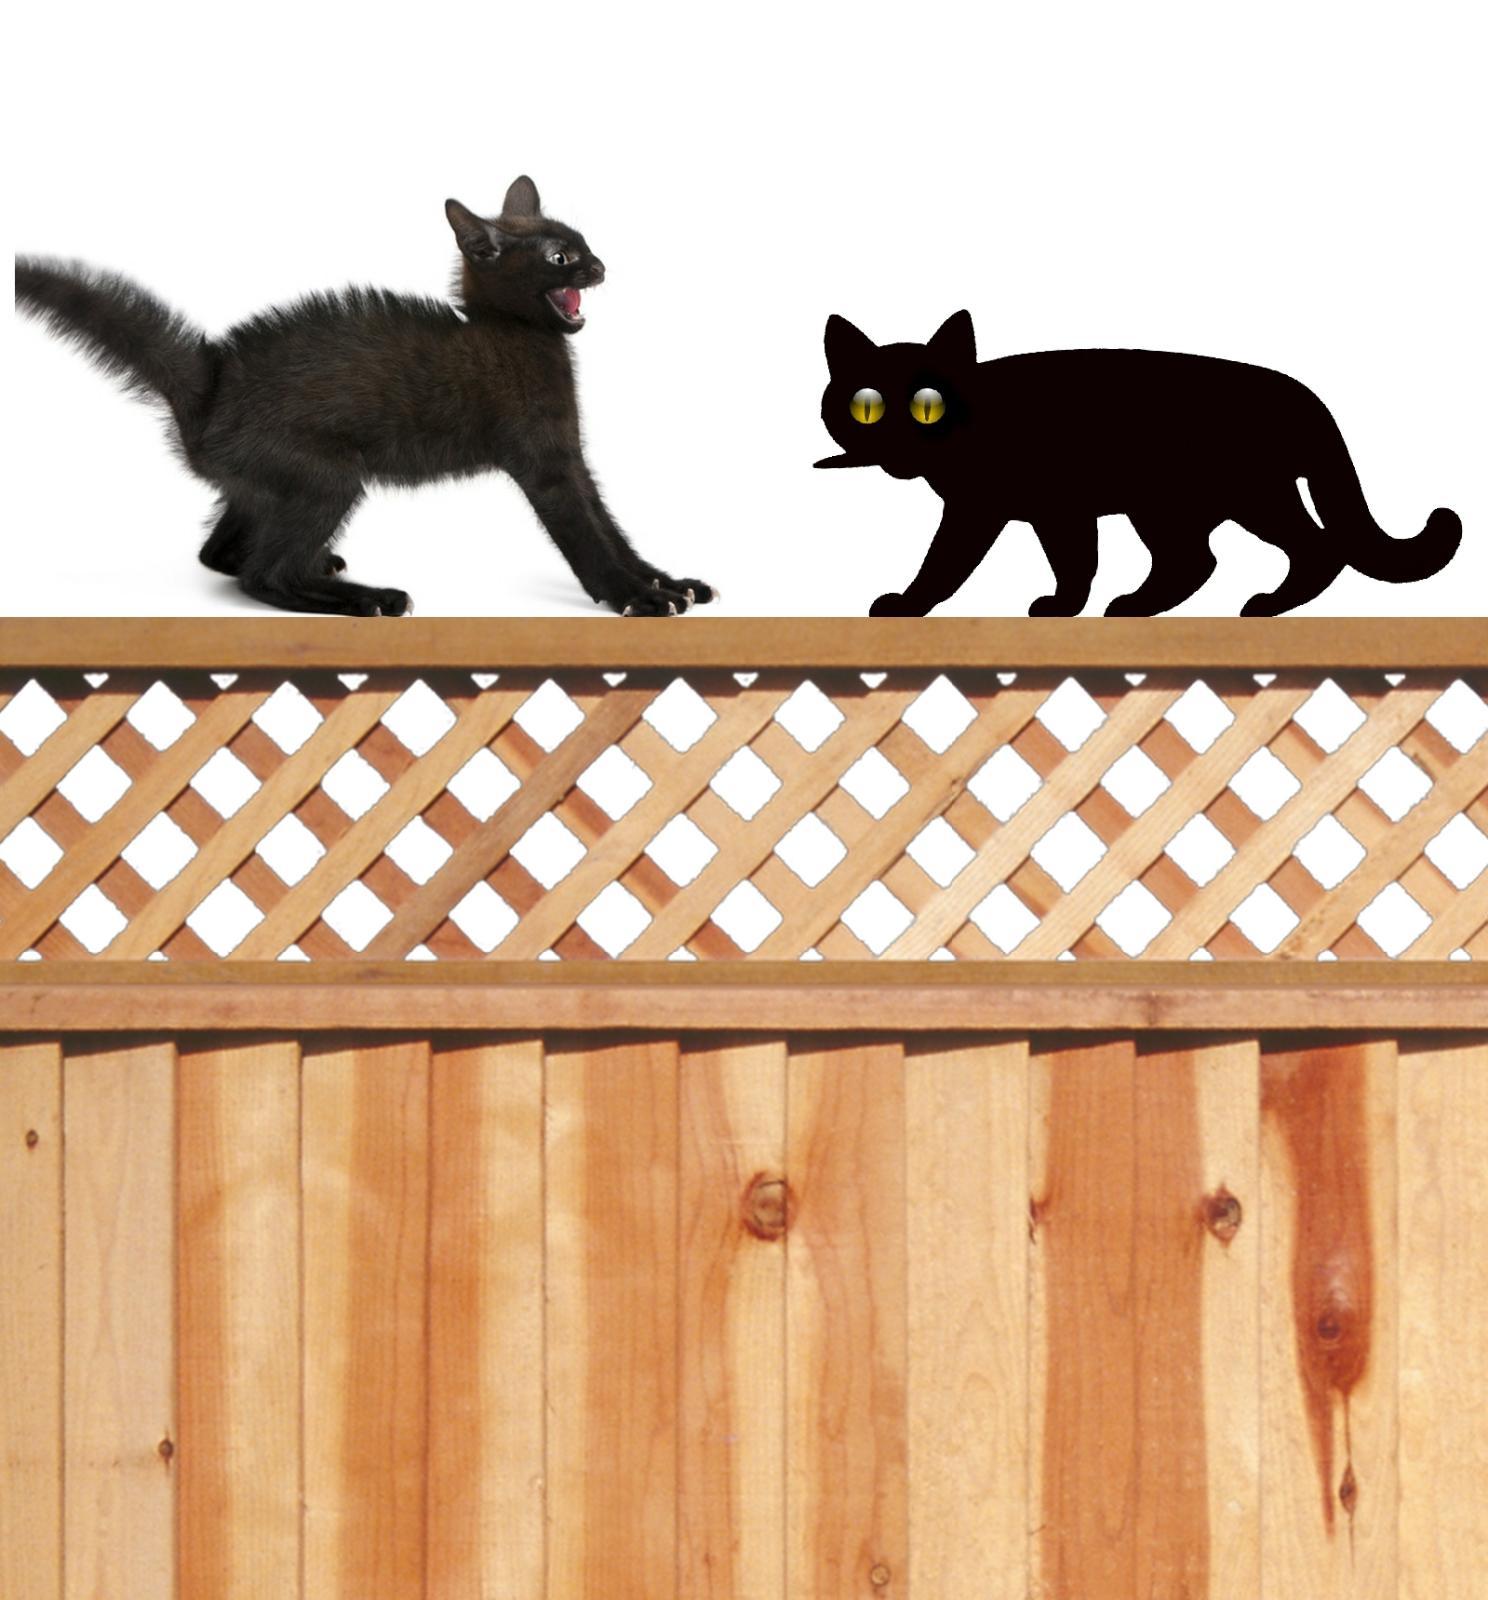 2x Scare Cat Garden Scarer Stop Pest Control Deterrent